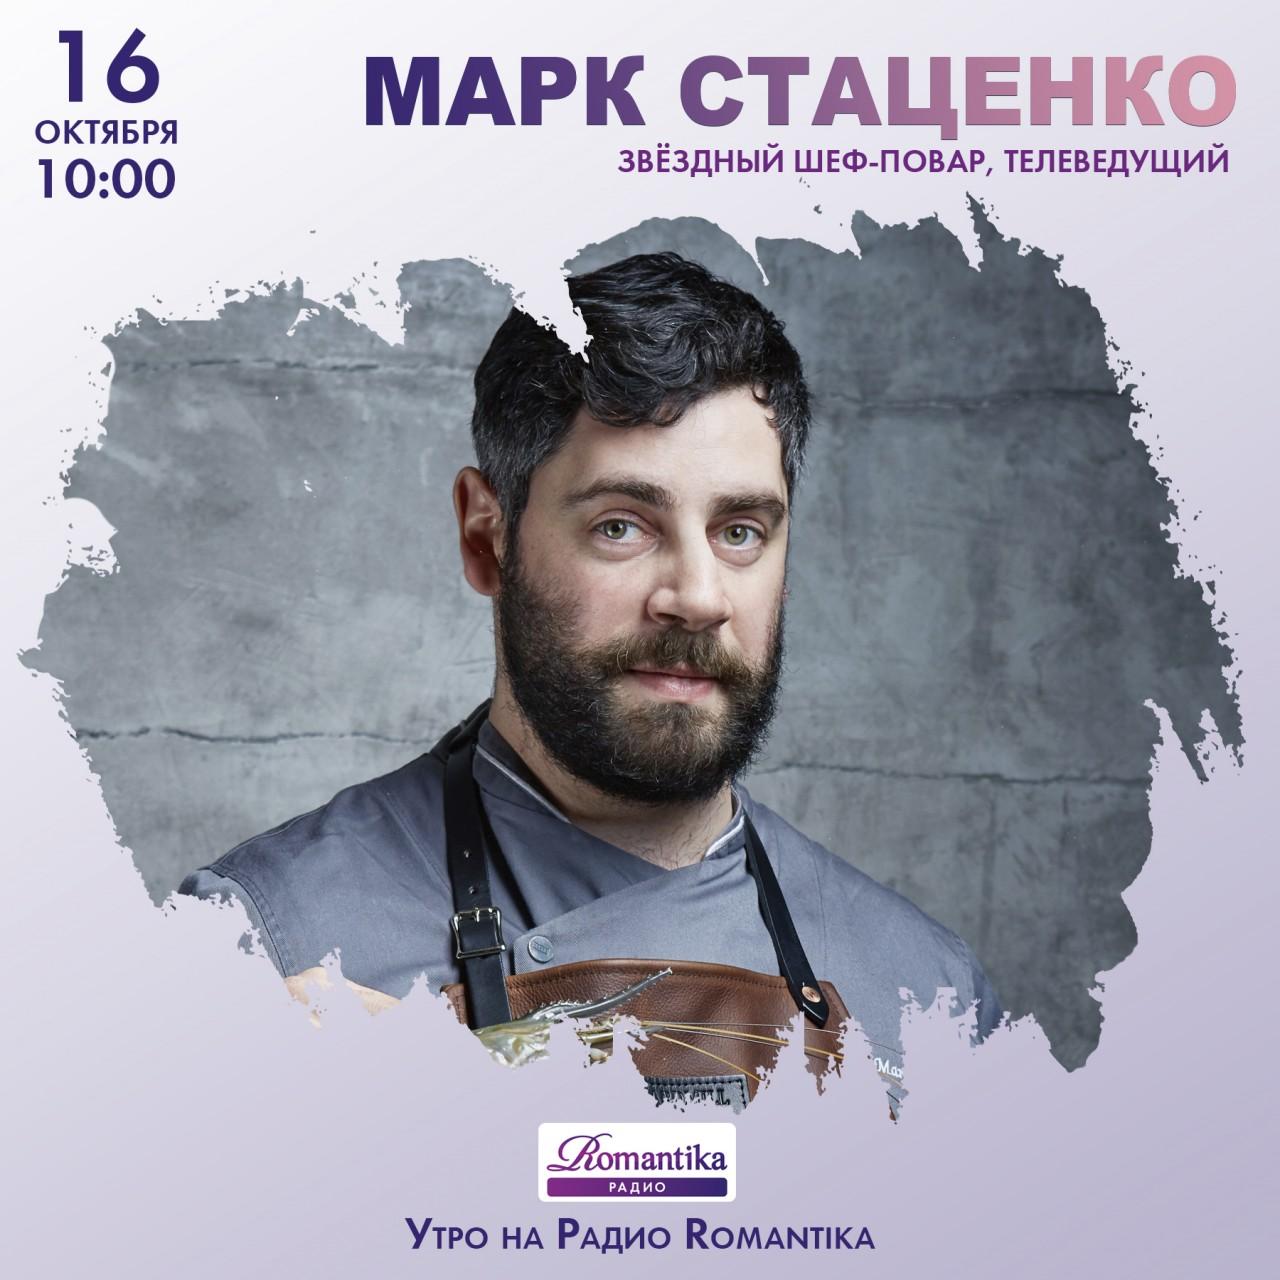 Утро на радио Romantika: 16 октября – звездный шеф-повар и телеведущий Марк Стаценко